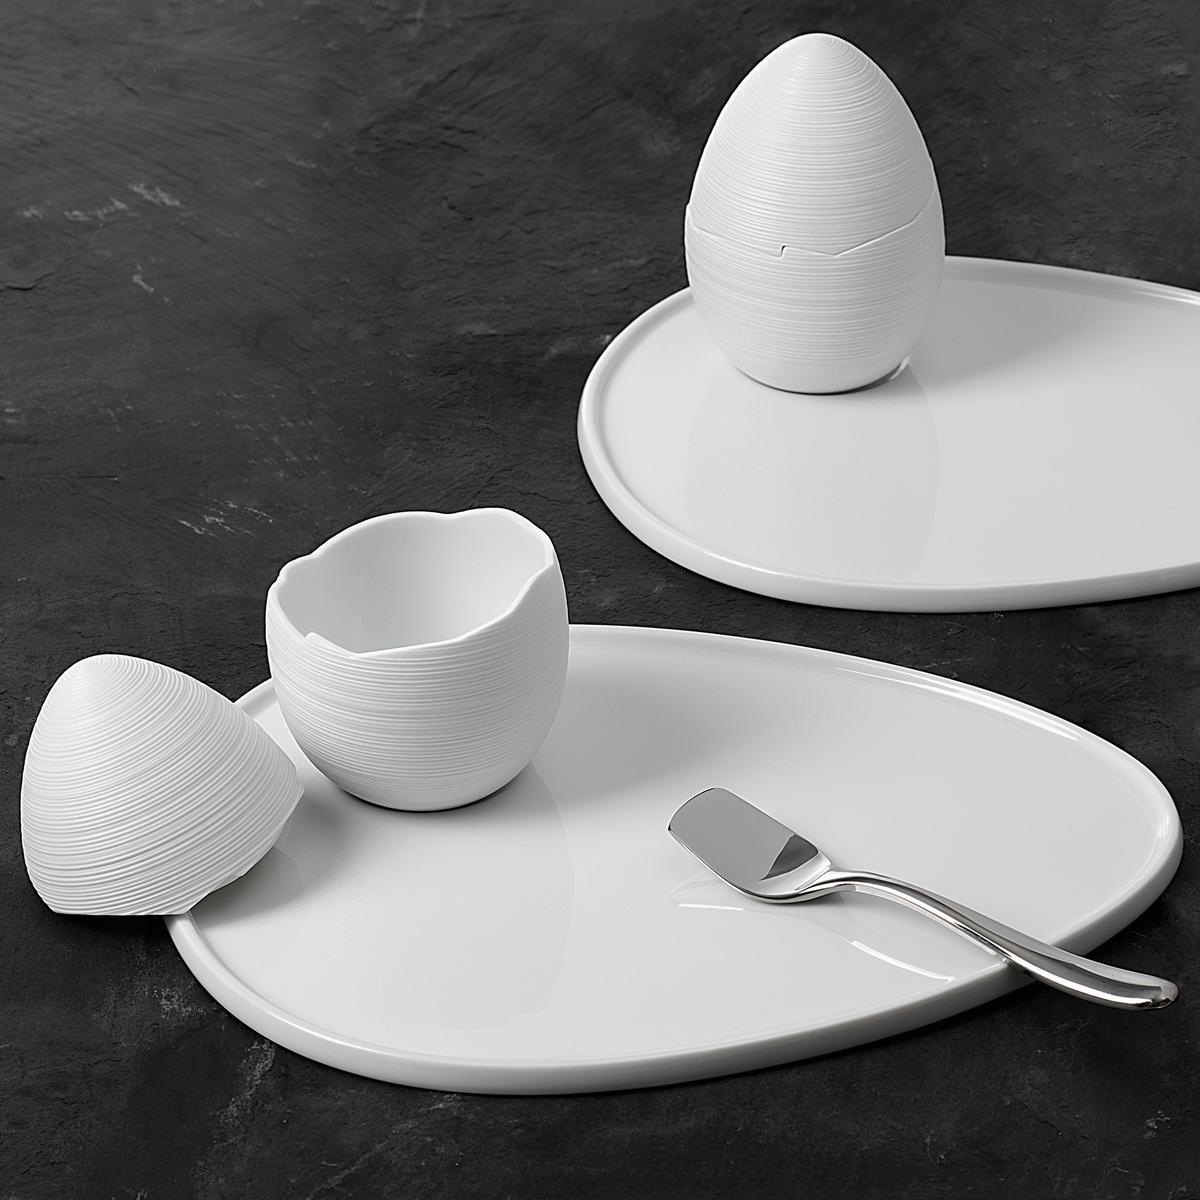 J.L Coquet Hémisphère White Dinnerware | Artedona.com